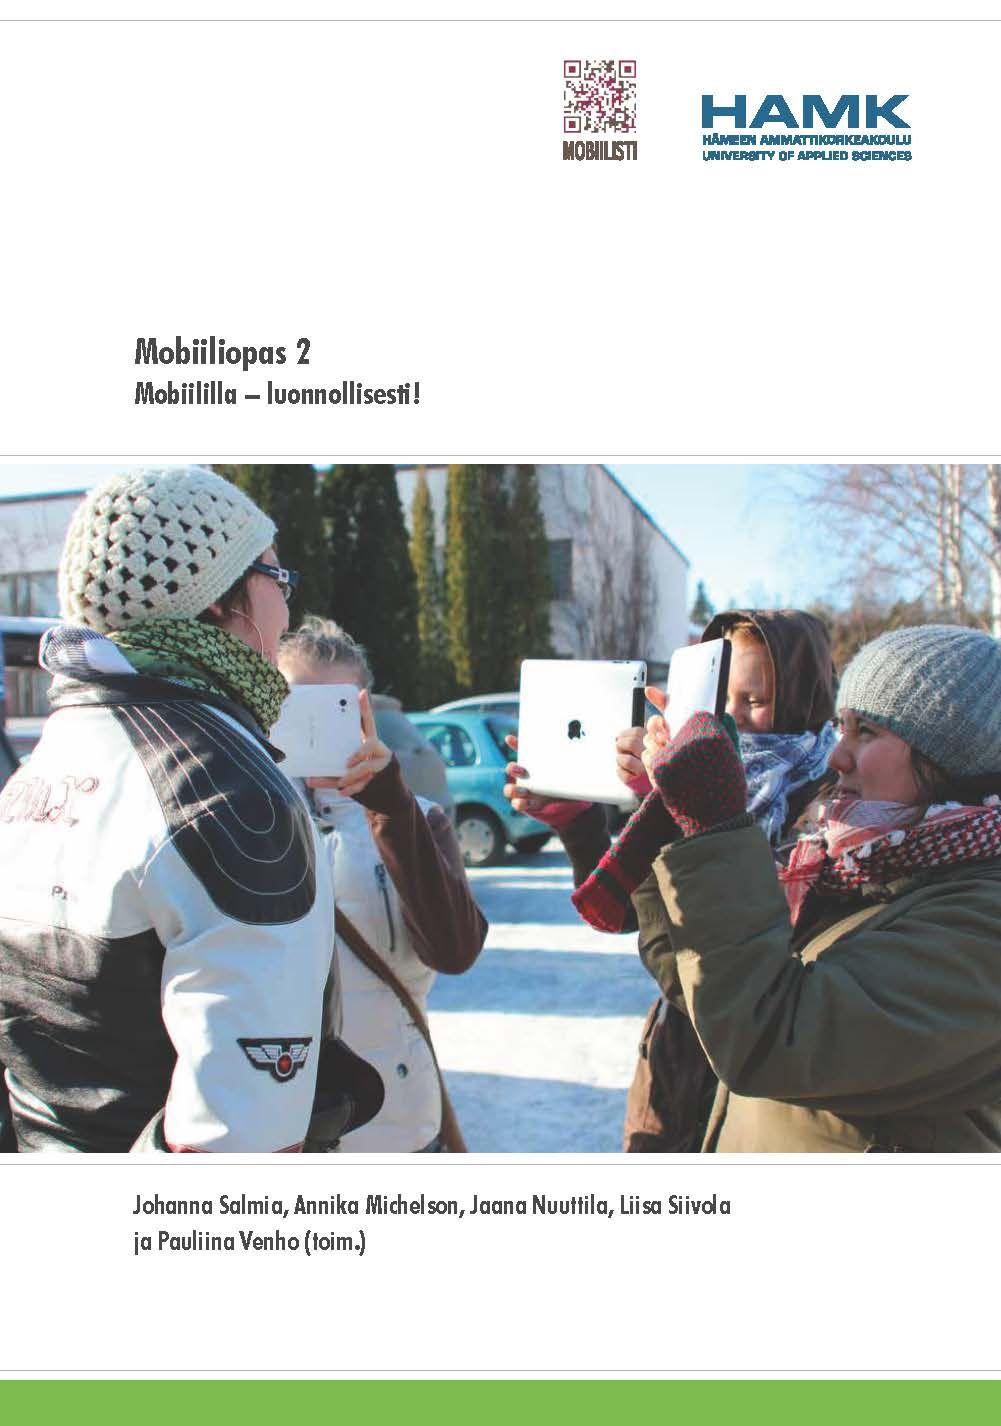 Mobiiliopas 2 Mobiililla luonnollisesti! 2013. Download